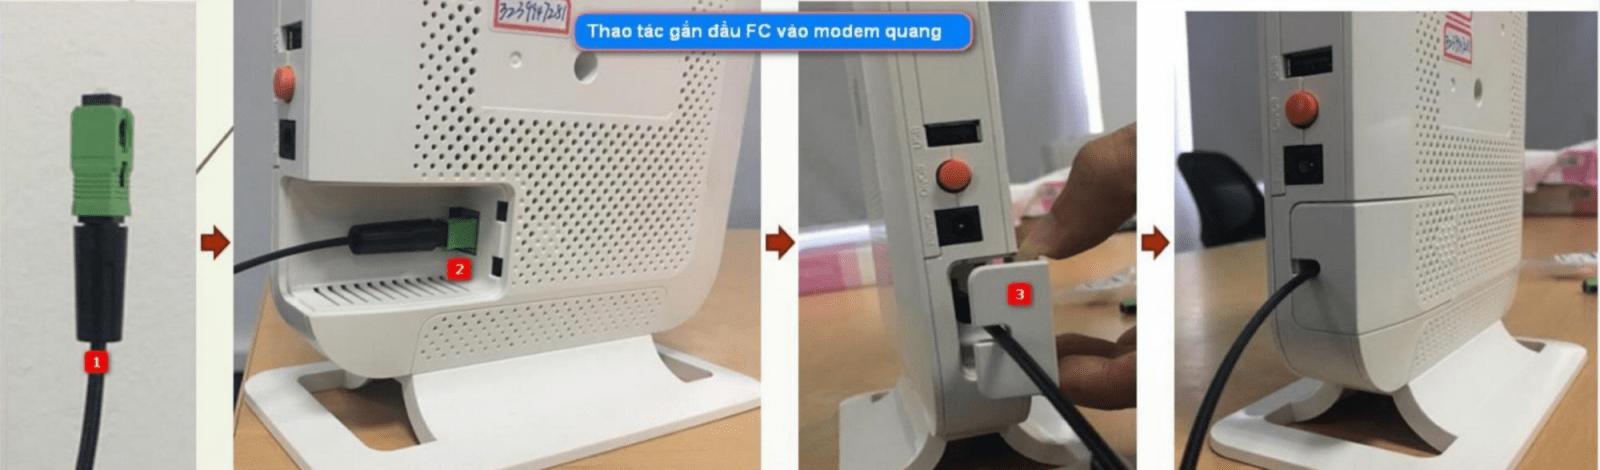 Theo tác gắn đầu cáp quang FC vào modem